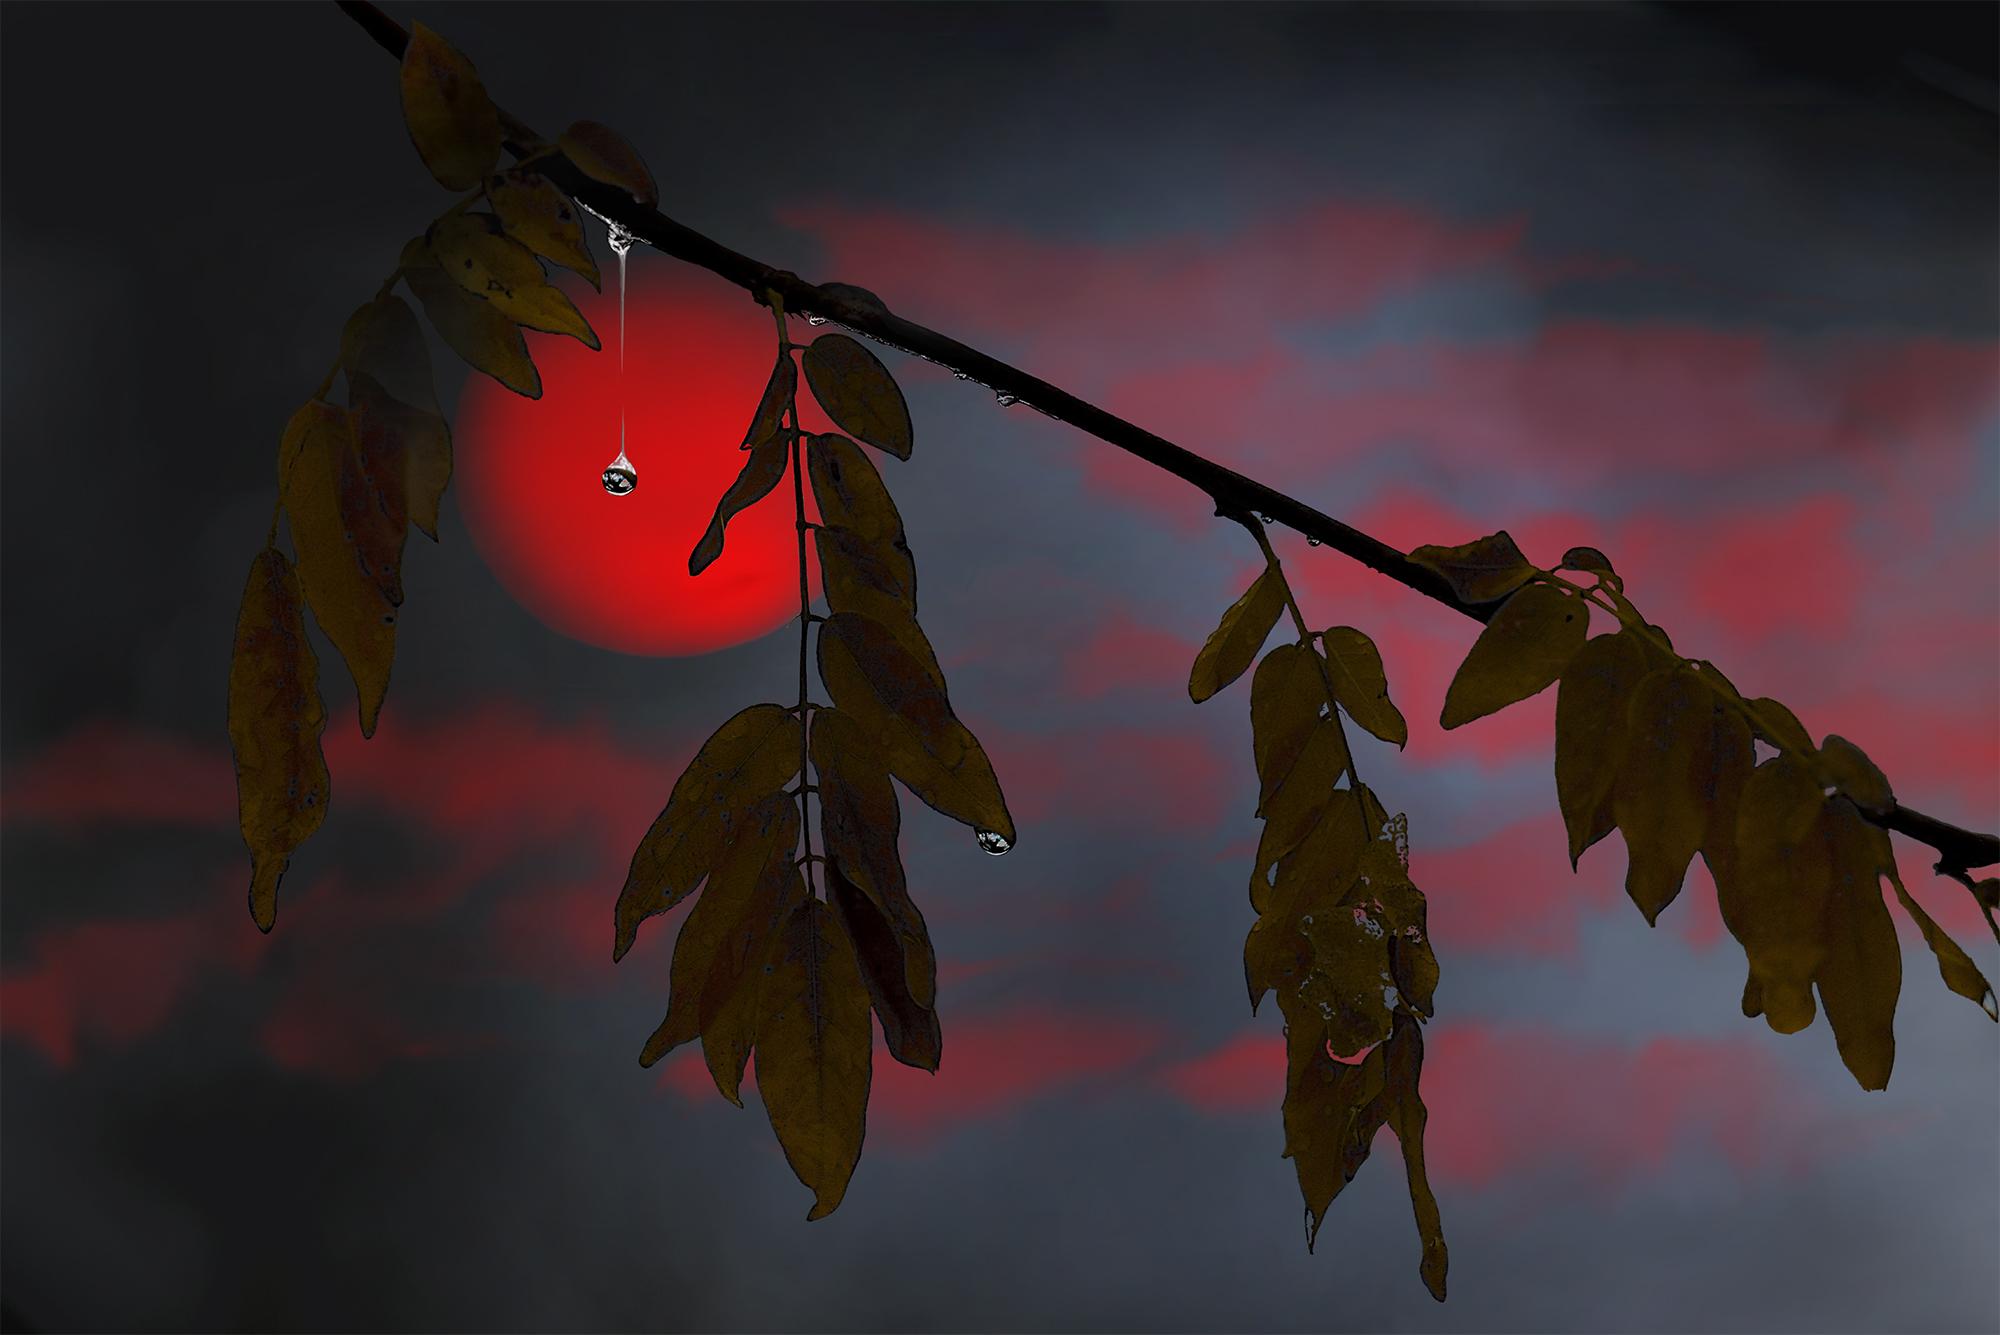 fabien-licata_soleil-de-nuit_FL07150